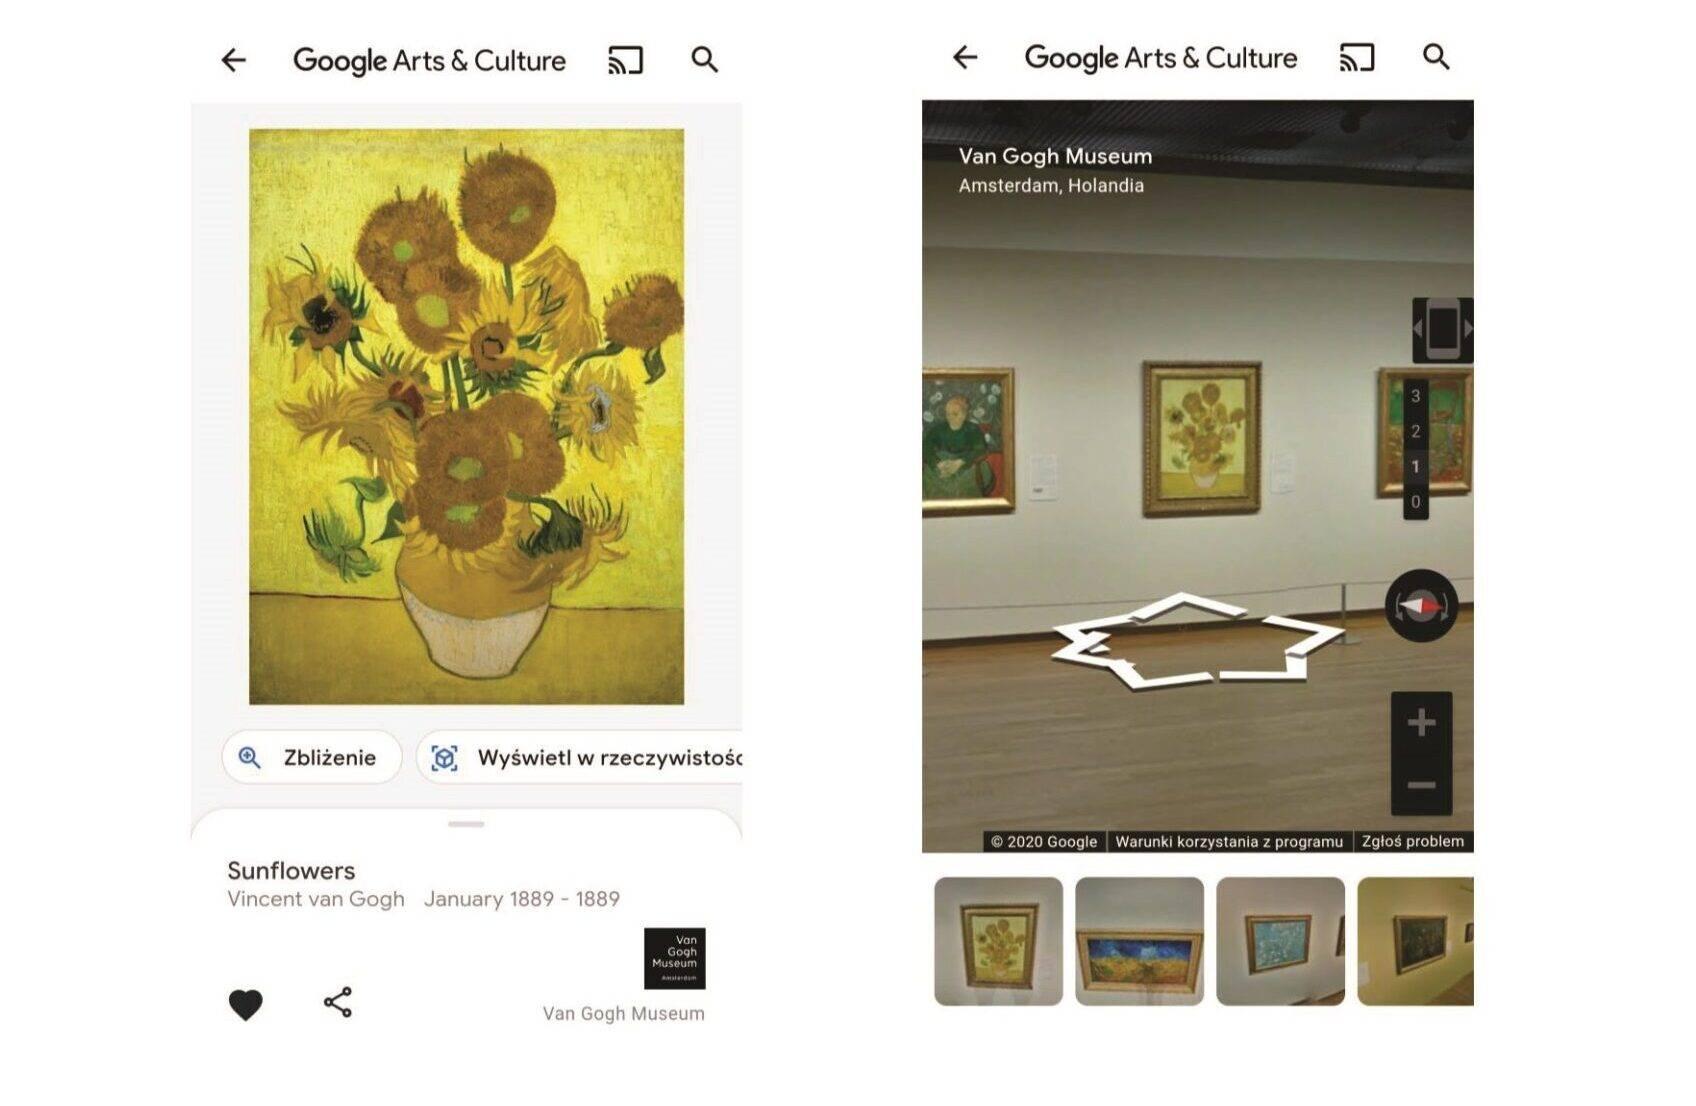 Wirtualna wycieczka po Muzeum Van Gogha